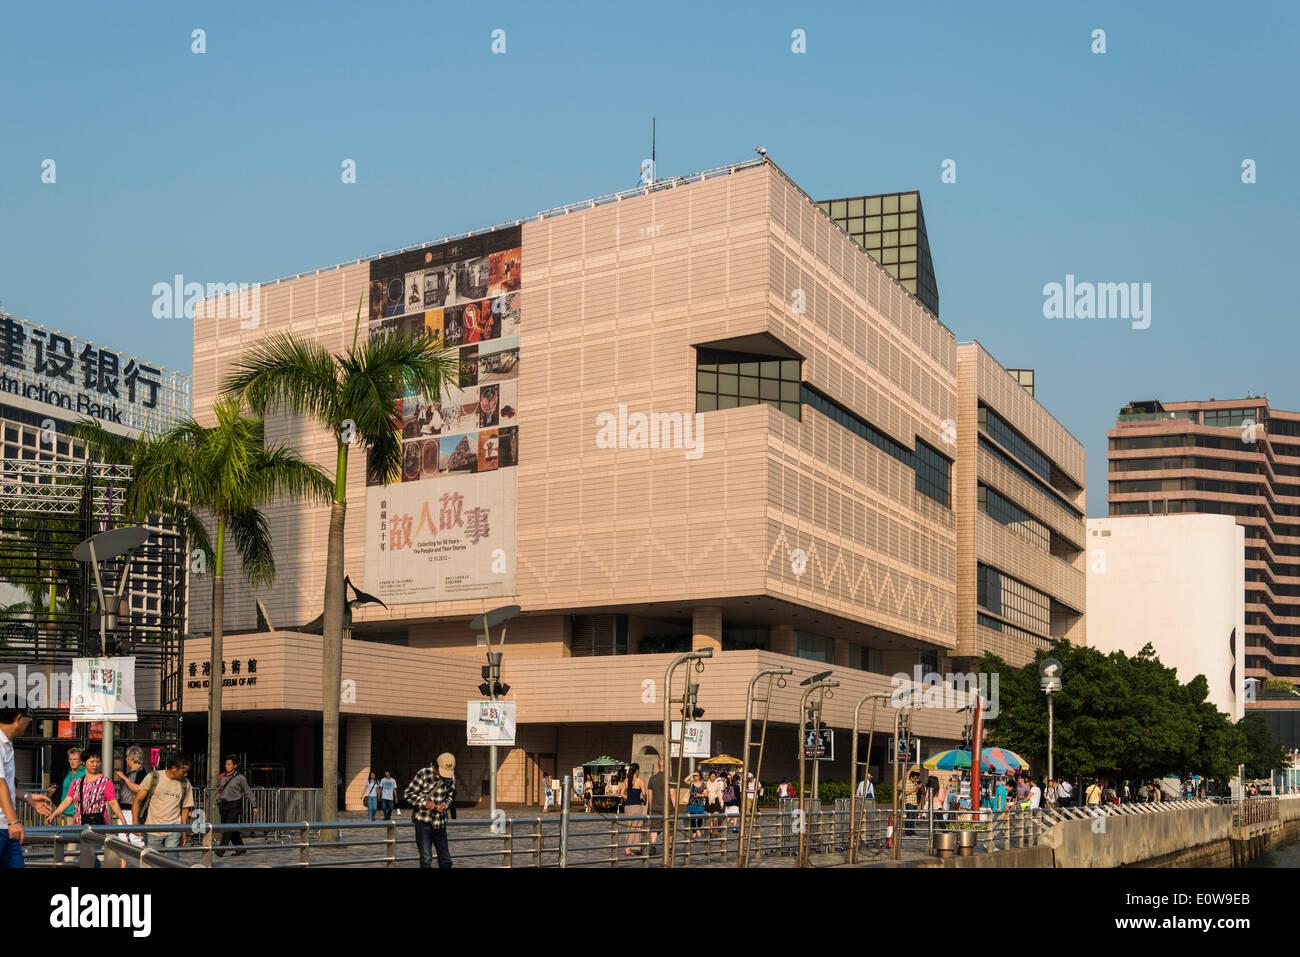 Hong Kong Museum of Art, Kowloon, Hong Kong, China - Stock Image